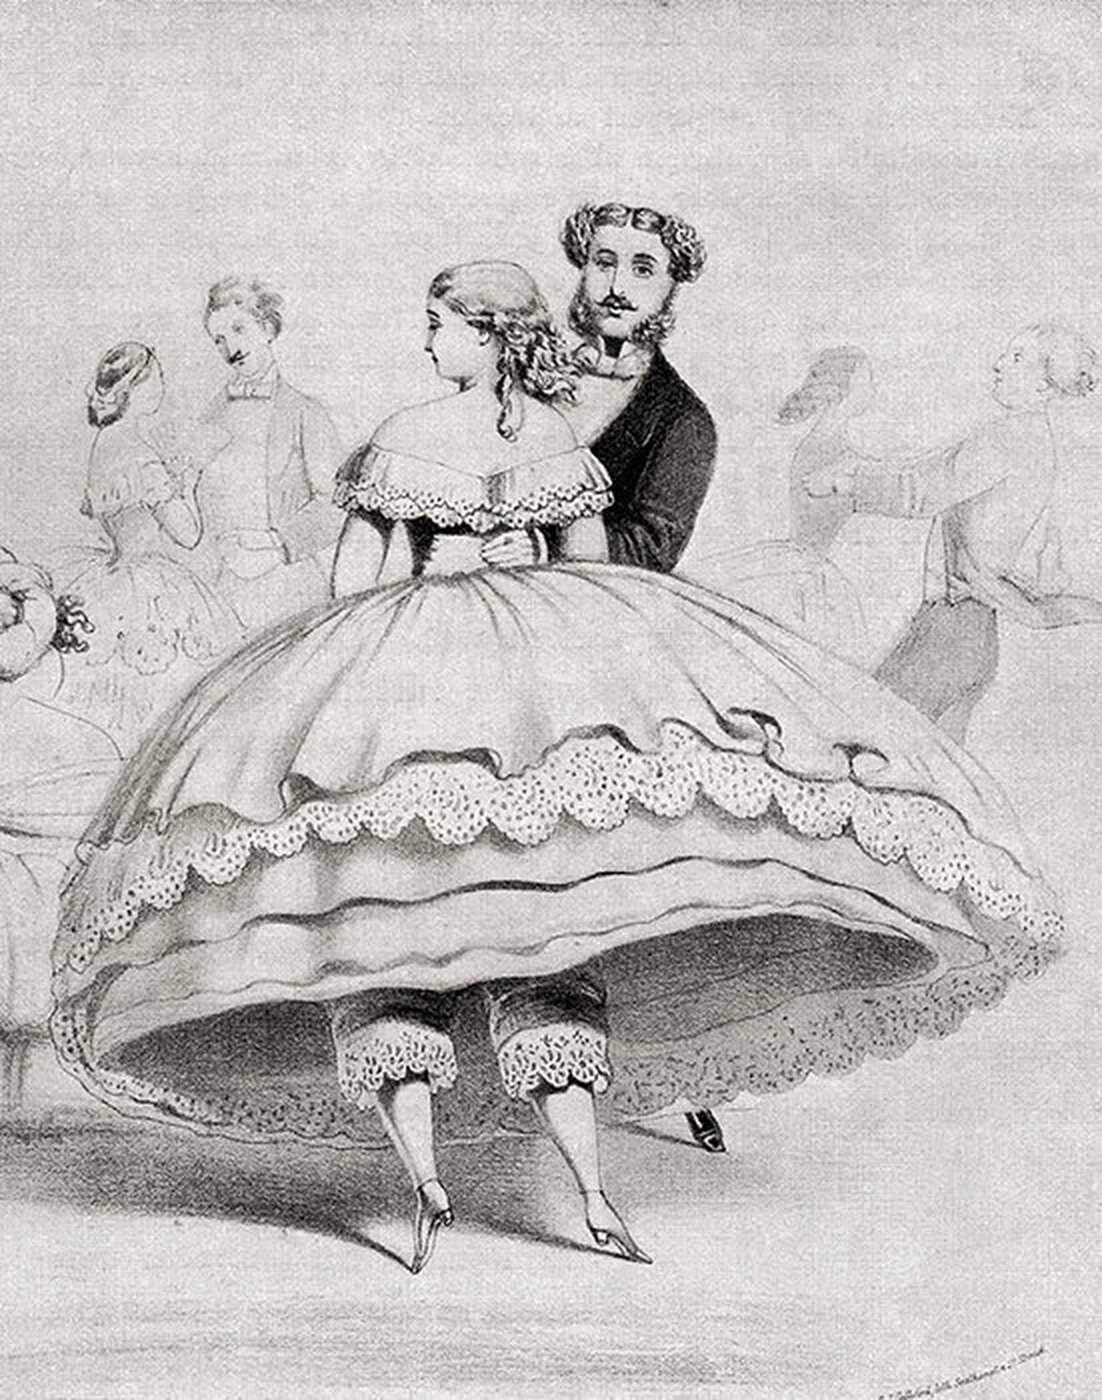 рисунок женщины и мужчины во время танца